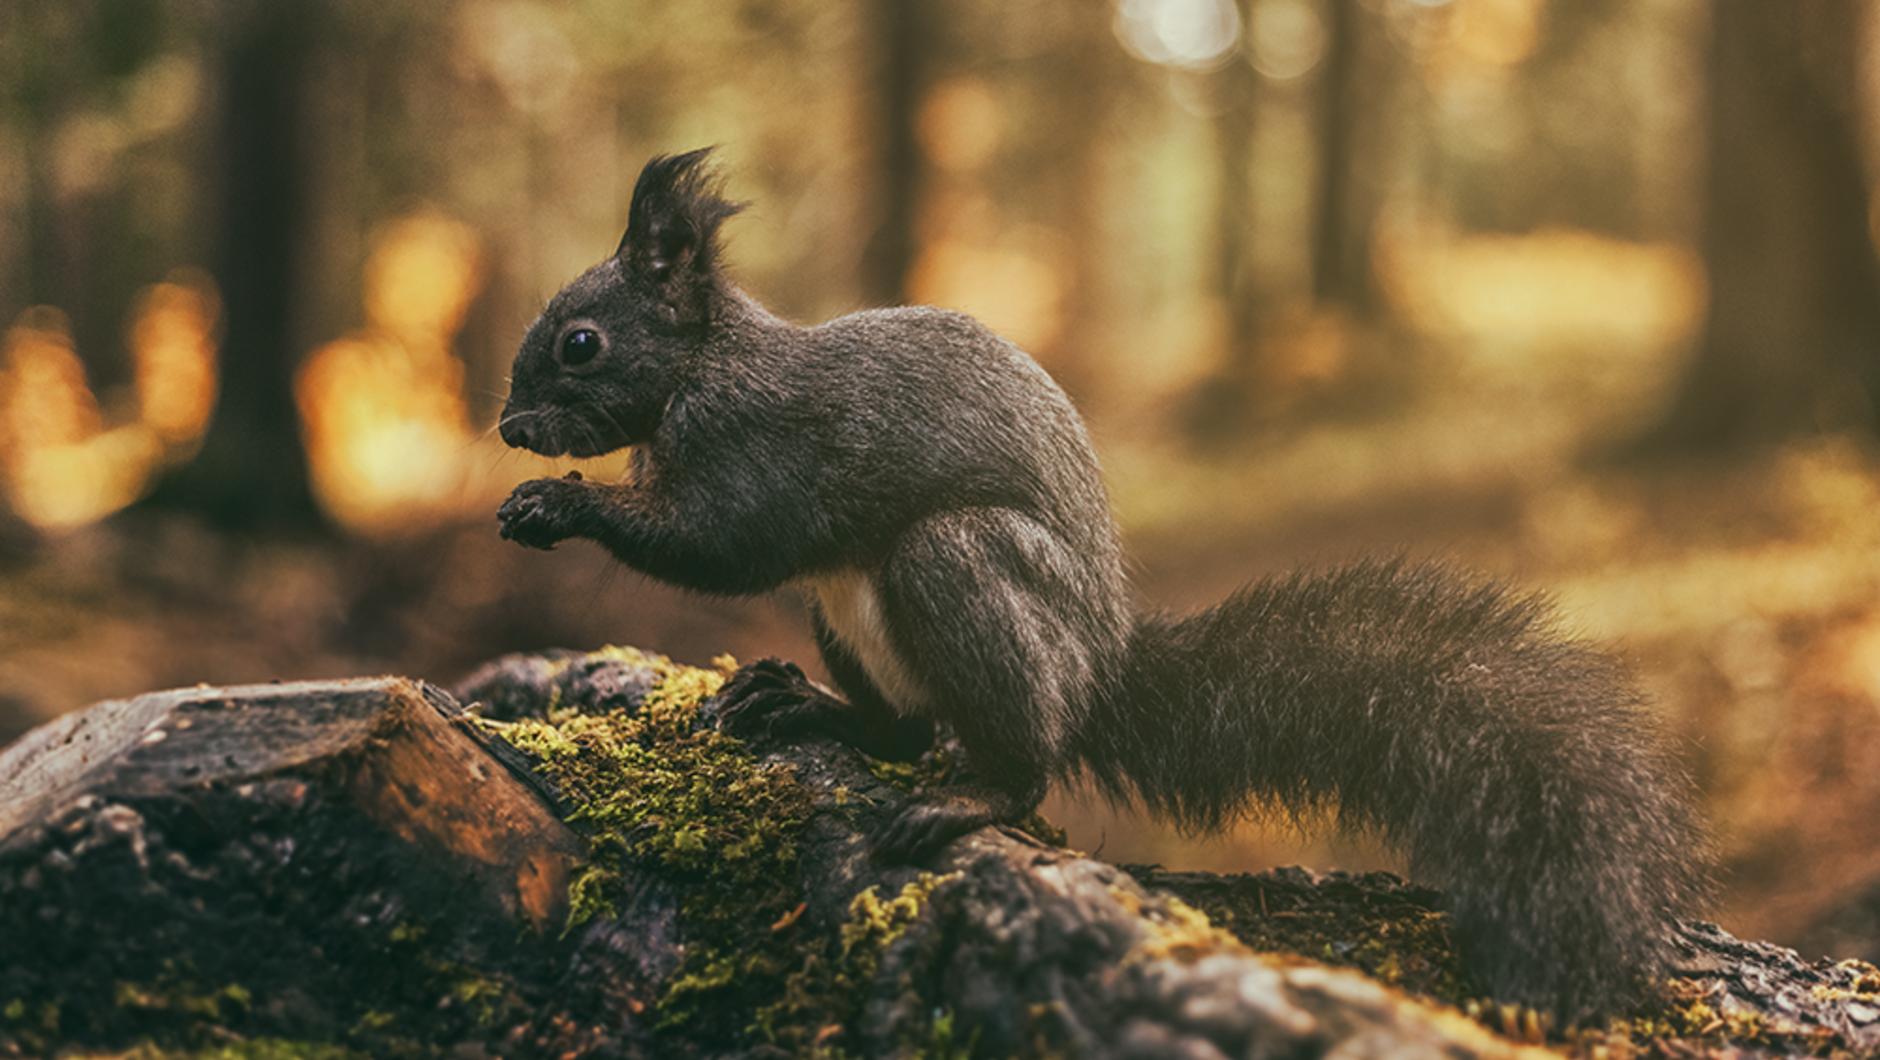 Eichhörnliweg (squirrel path)